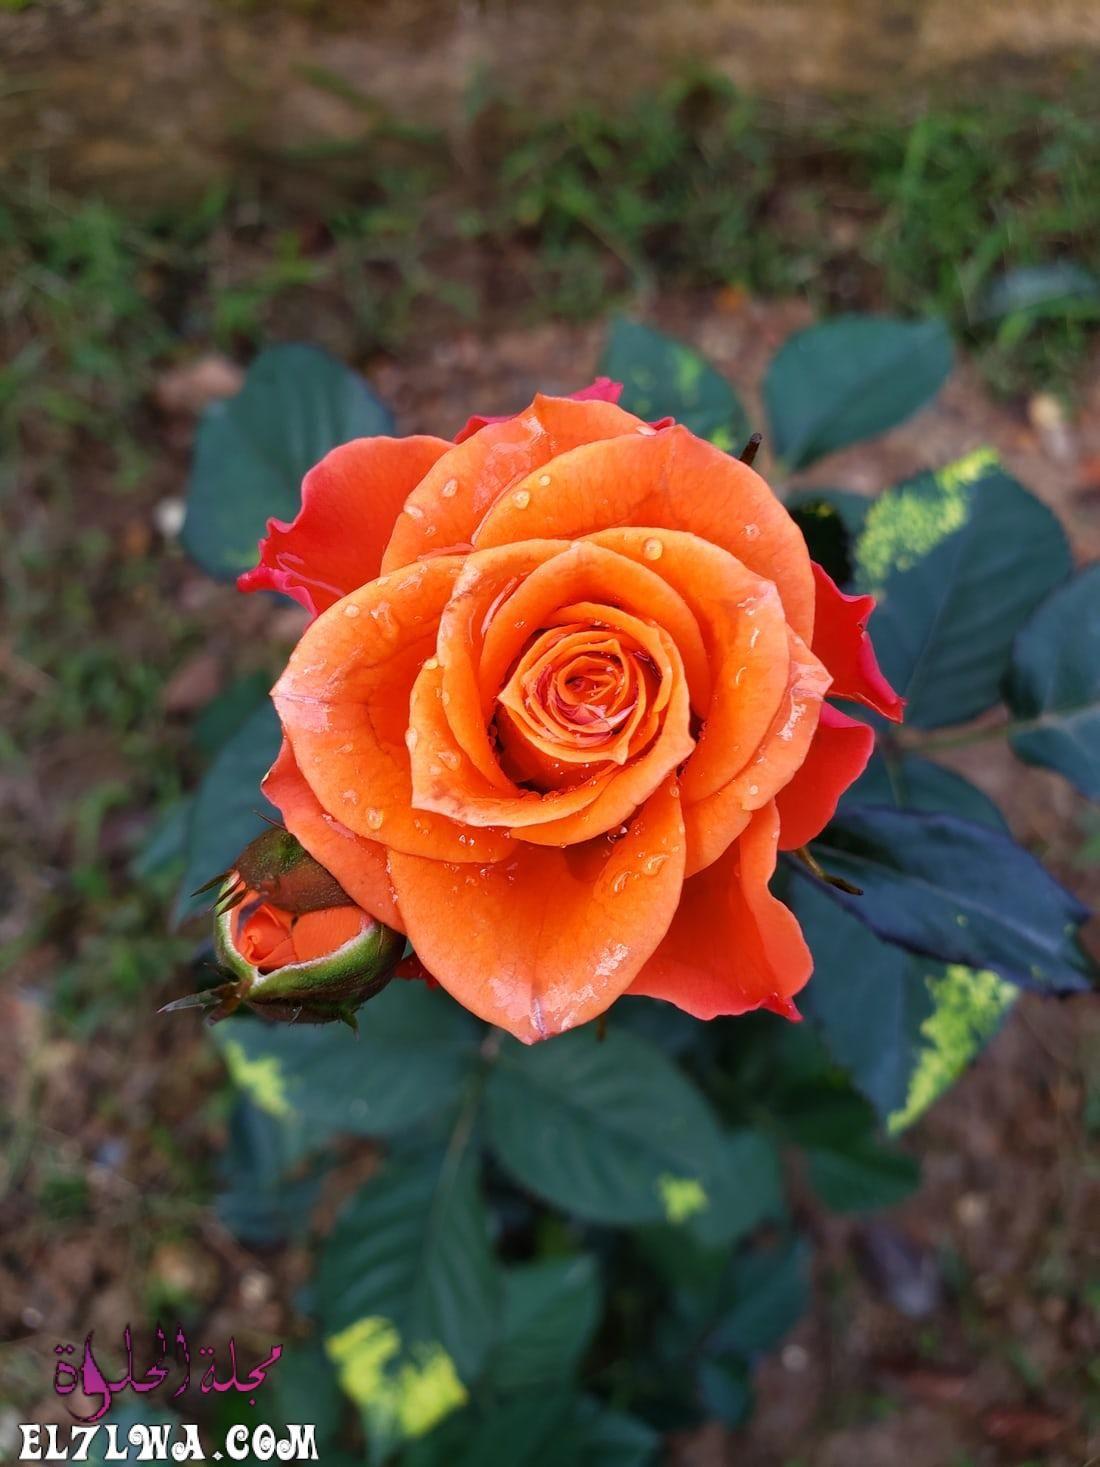 خلفيات ورد خلفيات ورود جميلة جدا خلفيات ورد طبيعي الورد من أكثر الأشياء التي ترسم البسمة وتبعث الر احة والت فاؤل بألوانها الز اهية وبرائ In 2021 Rose Flowers Blossom